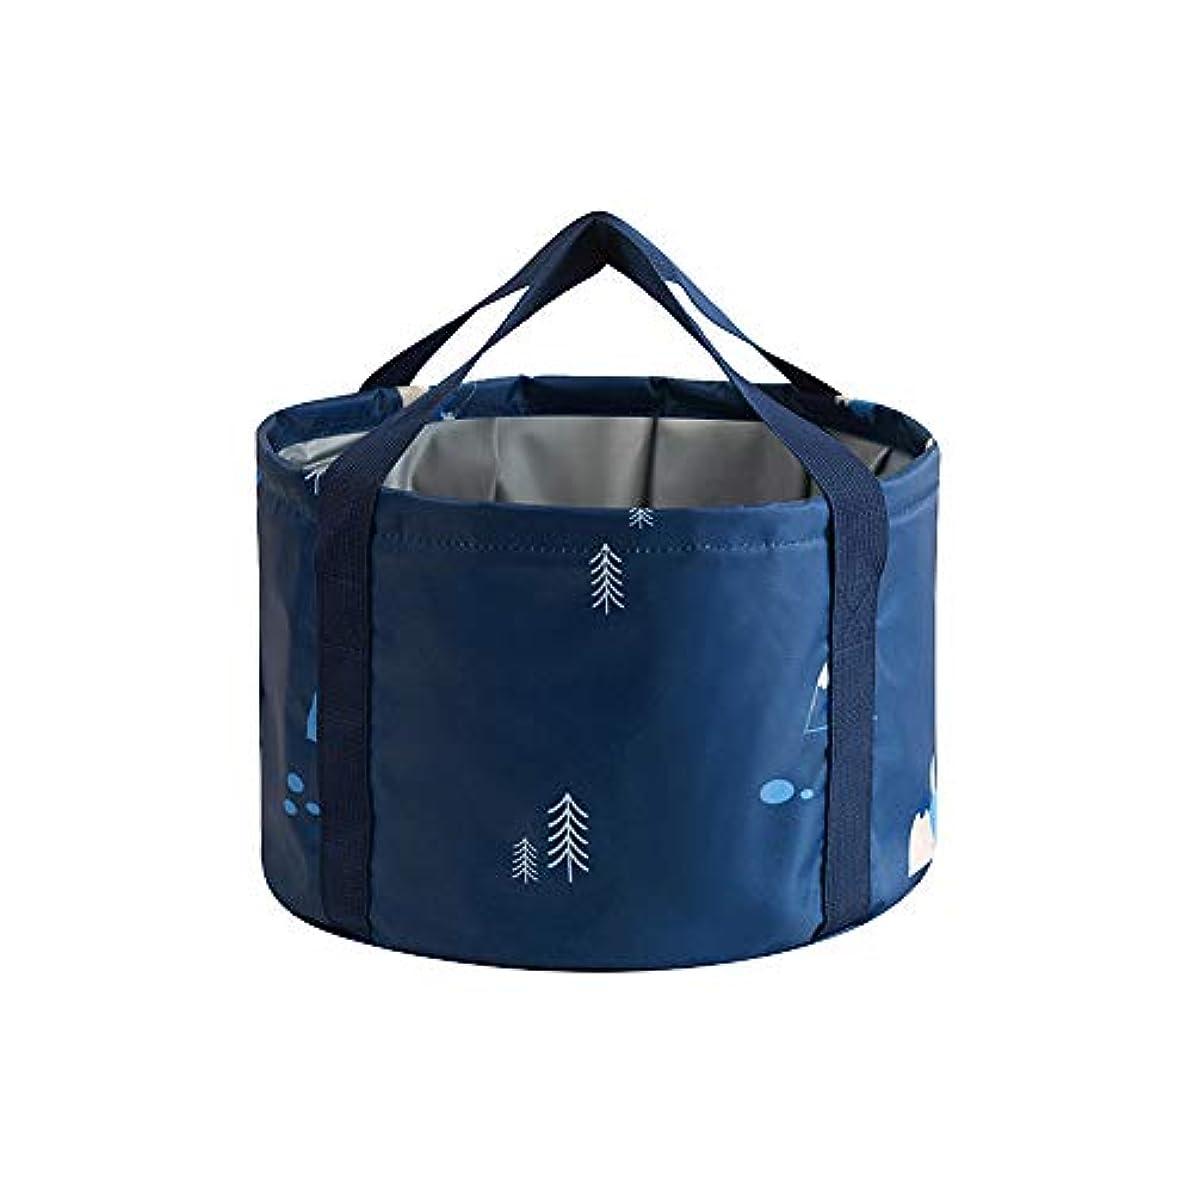 保証するスタンド接続詞Xueliee 旅行用フットバッグ、フットウォッシュバケツ、折りたたみ式、洗濯槽、屋外用ウォーターバッグ、水貯蔵、収納バッグ、洗面台、ポータブル、大 (35 x 26cm,5色)